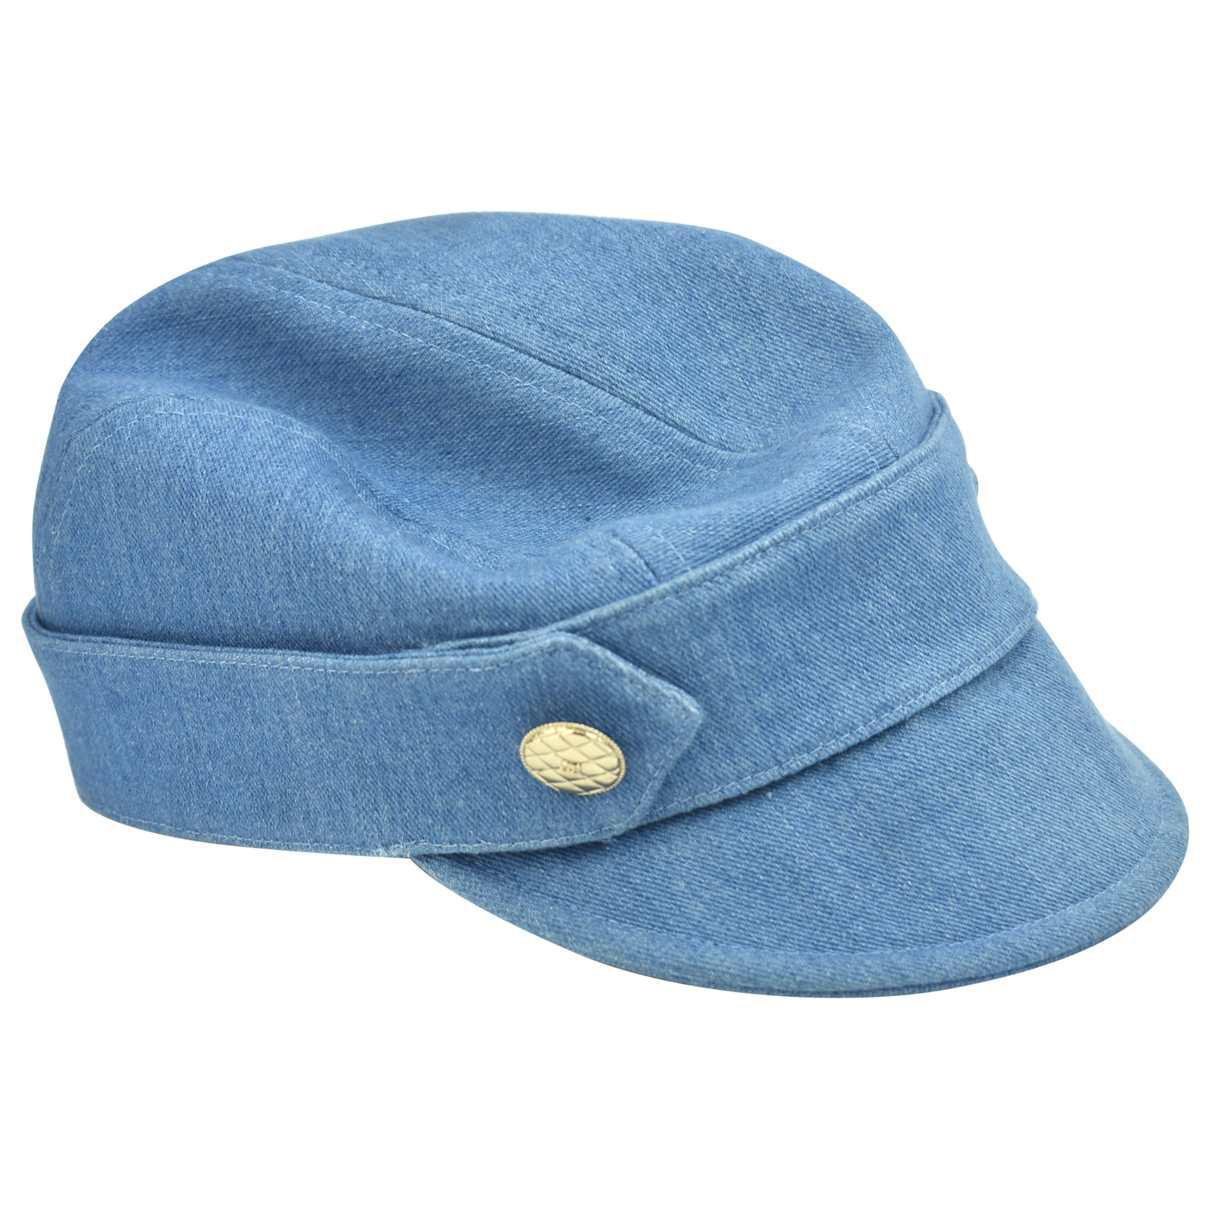 dfef59ea Chanel Hat in Blue - Lyst